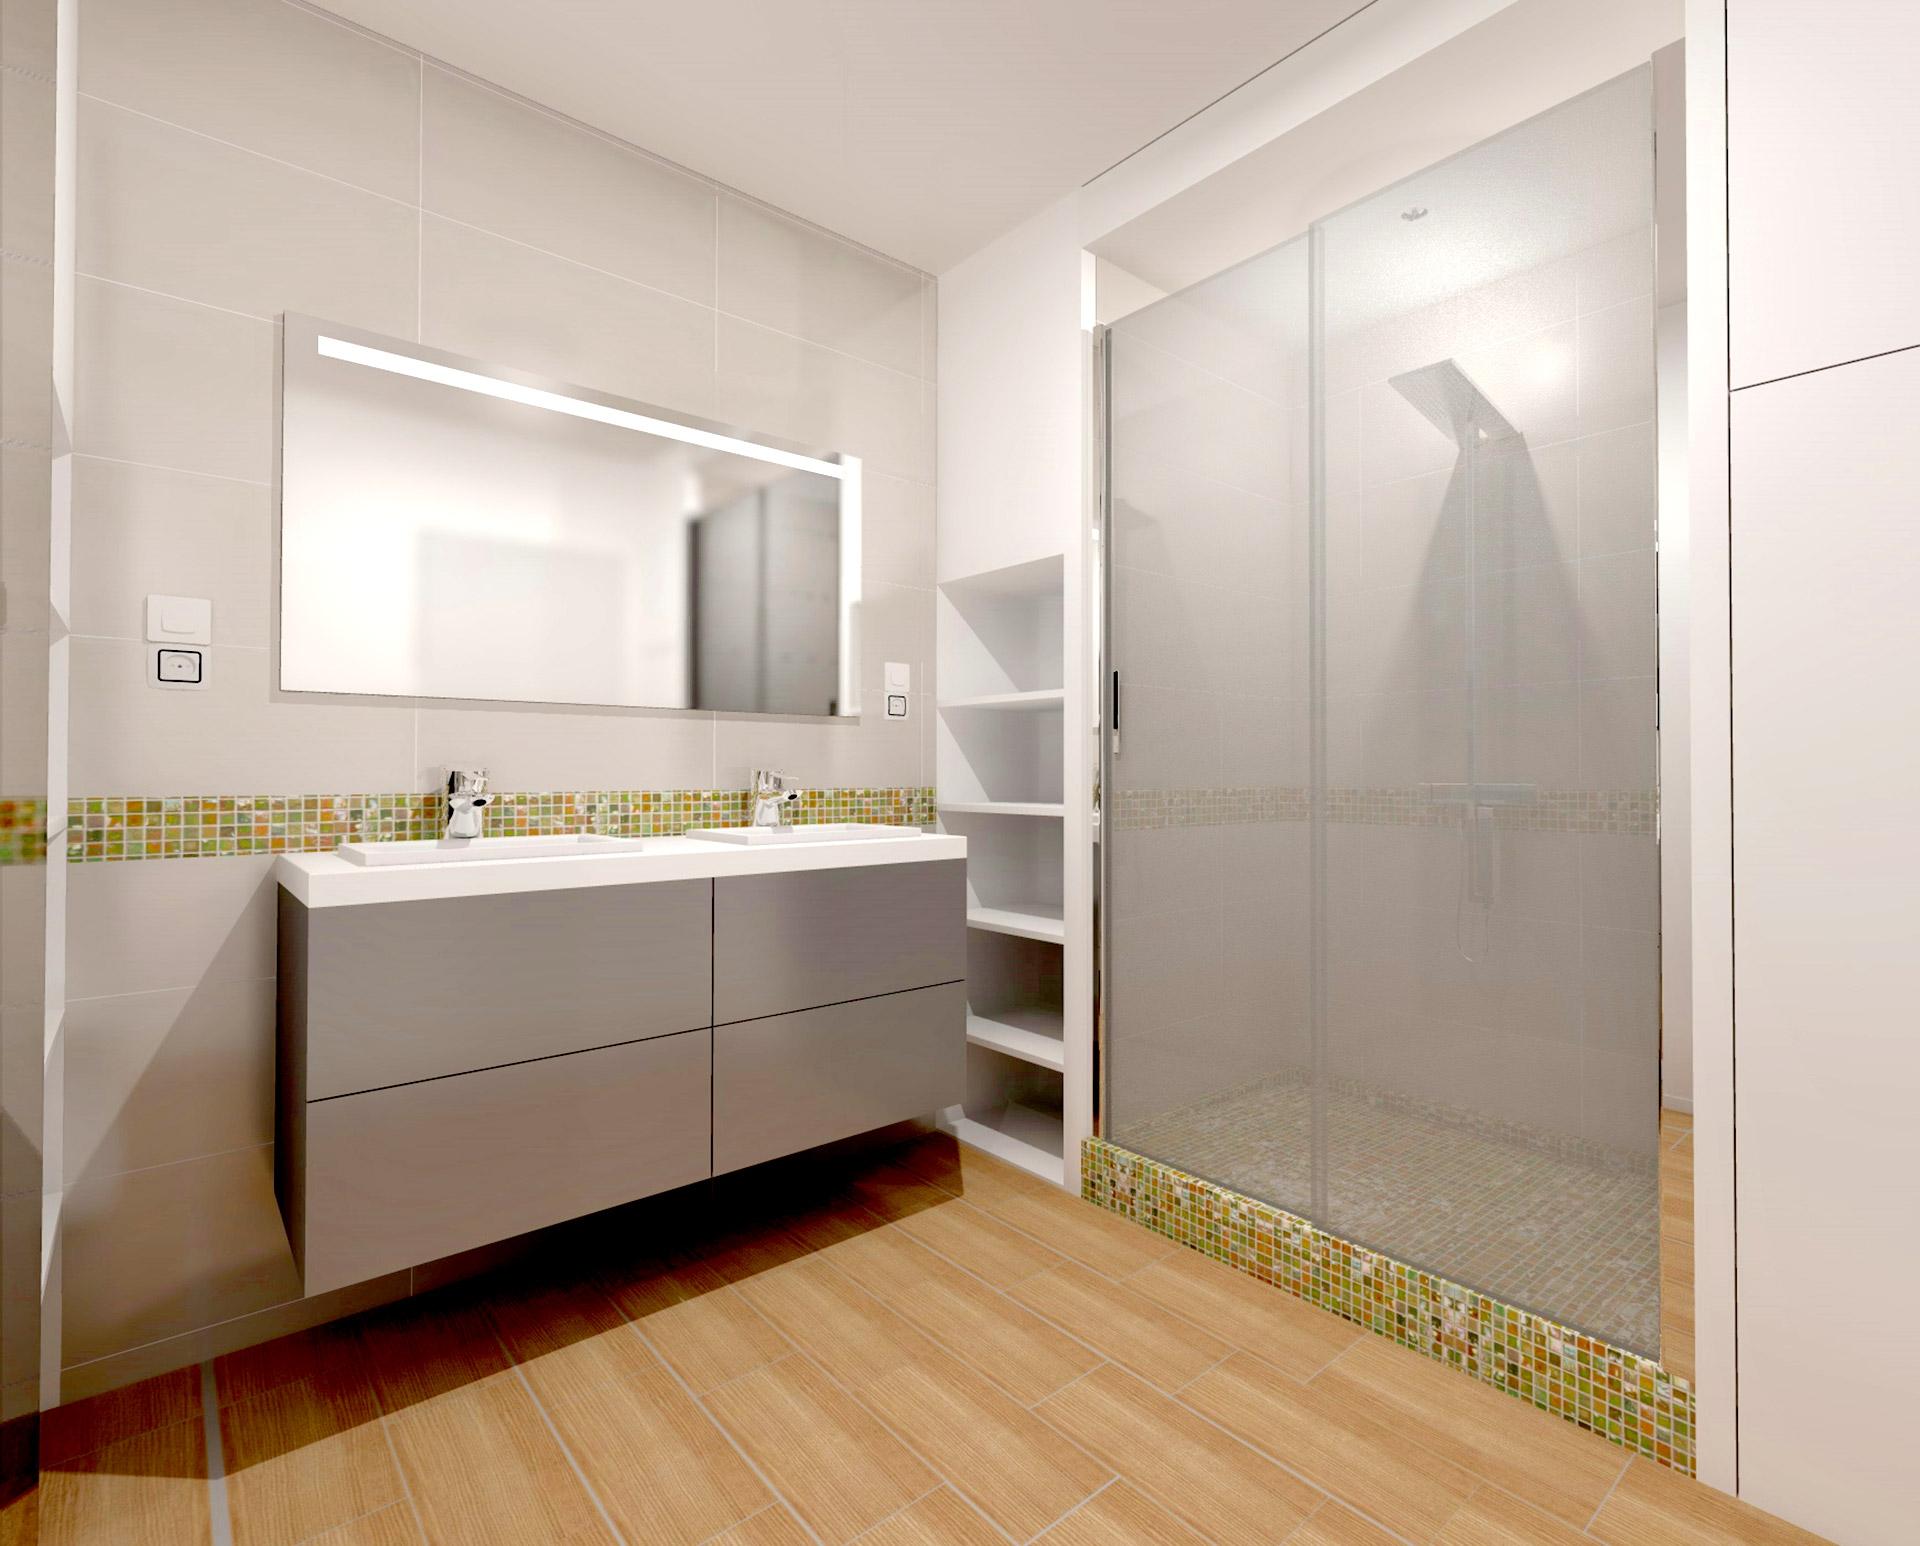 suite parentale salle de bain douche agence avous